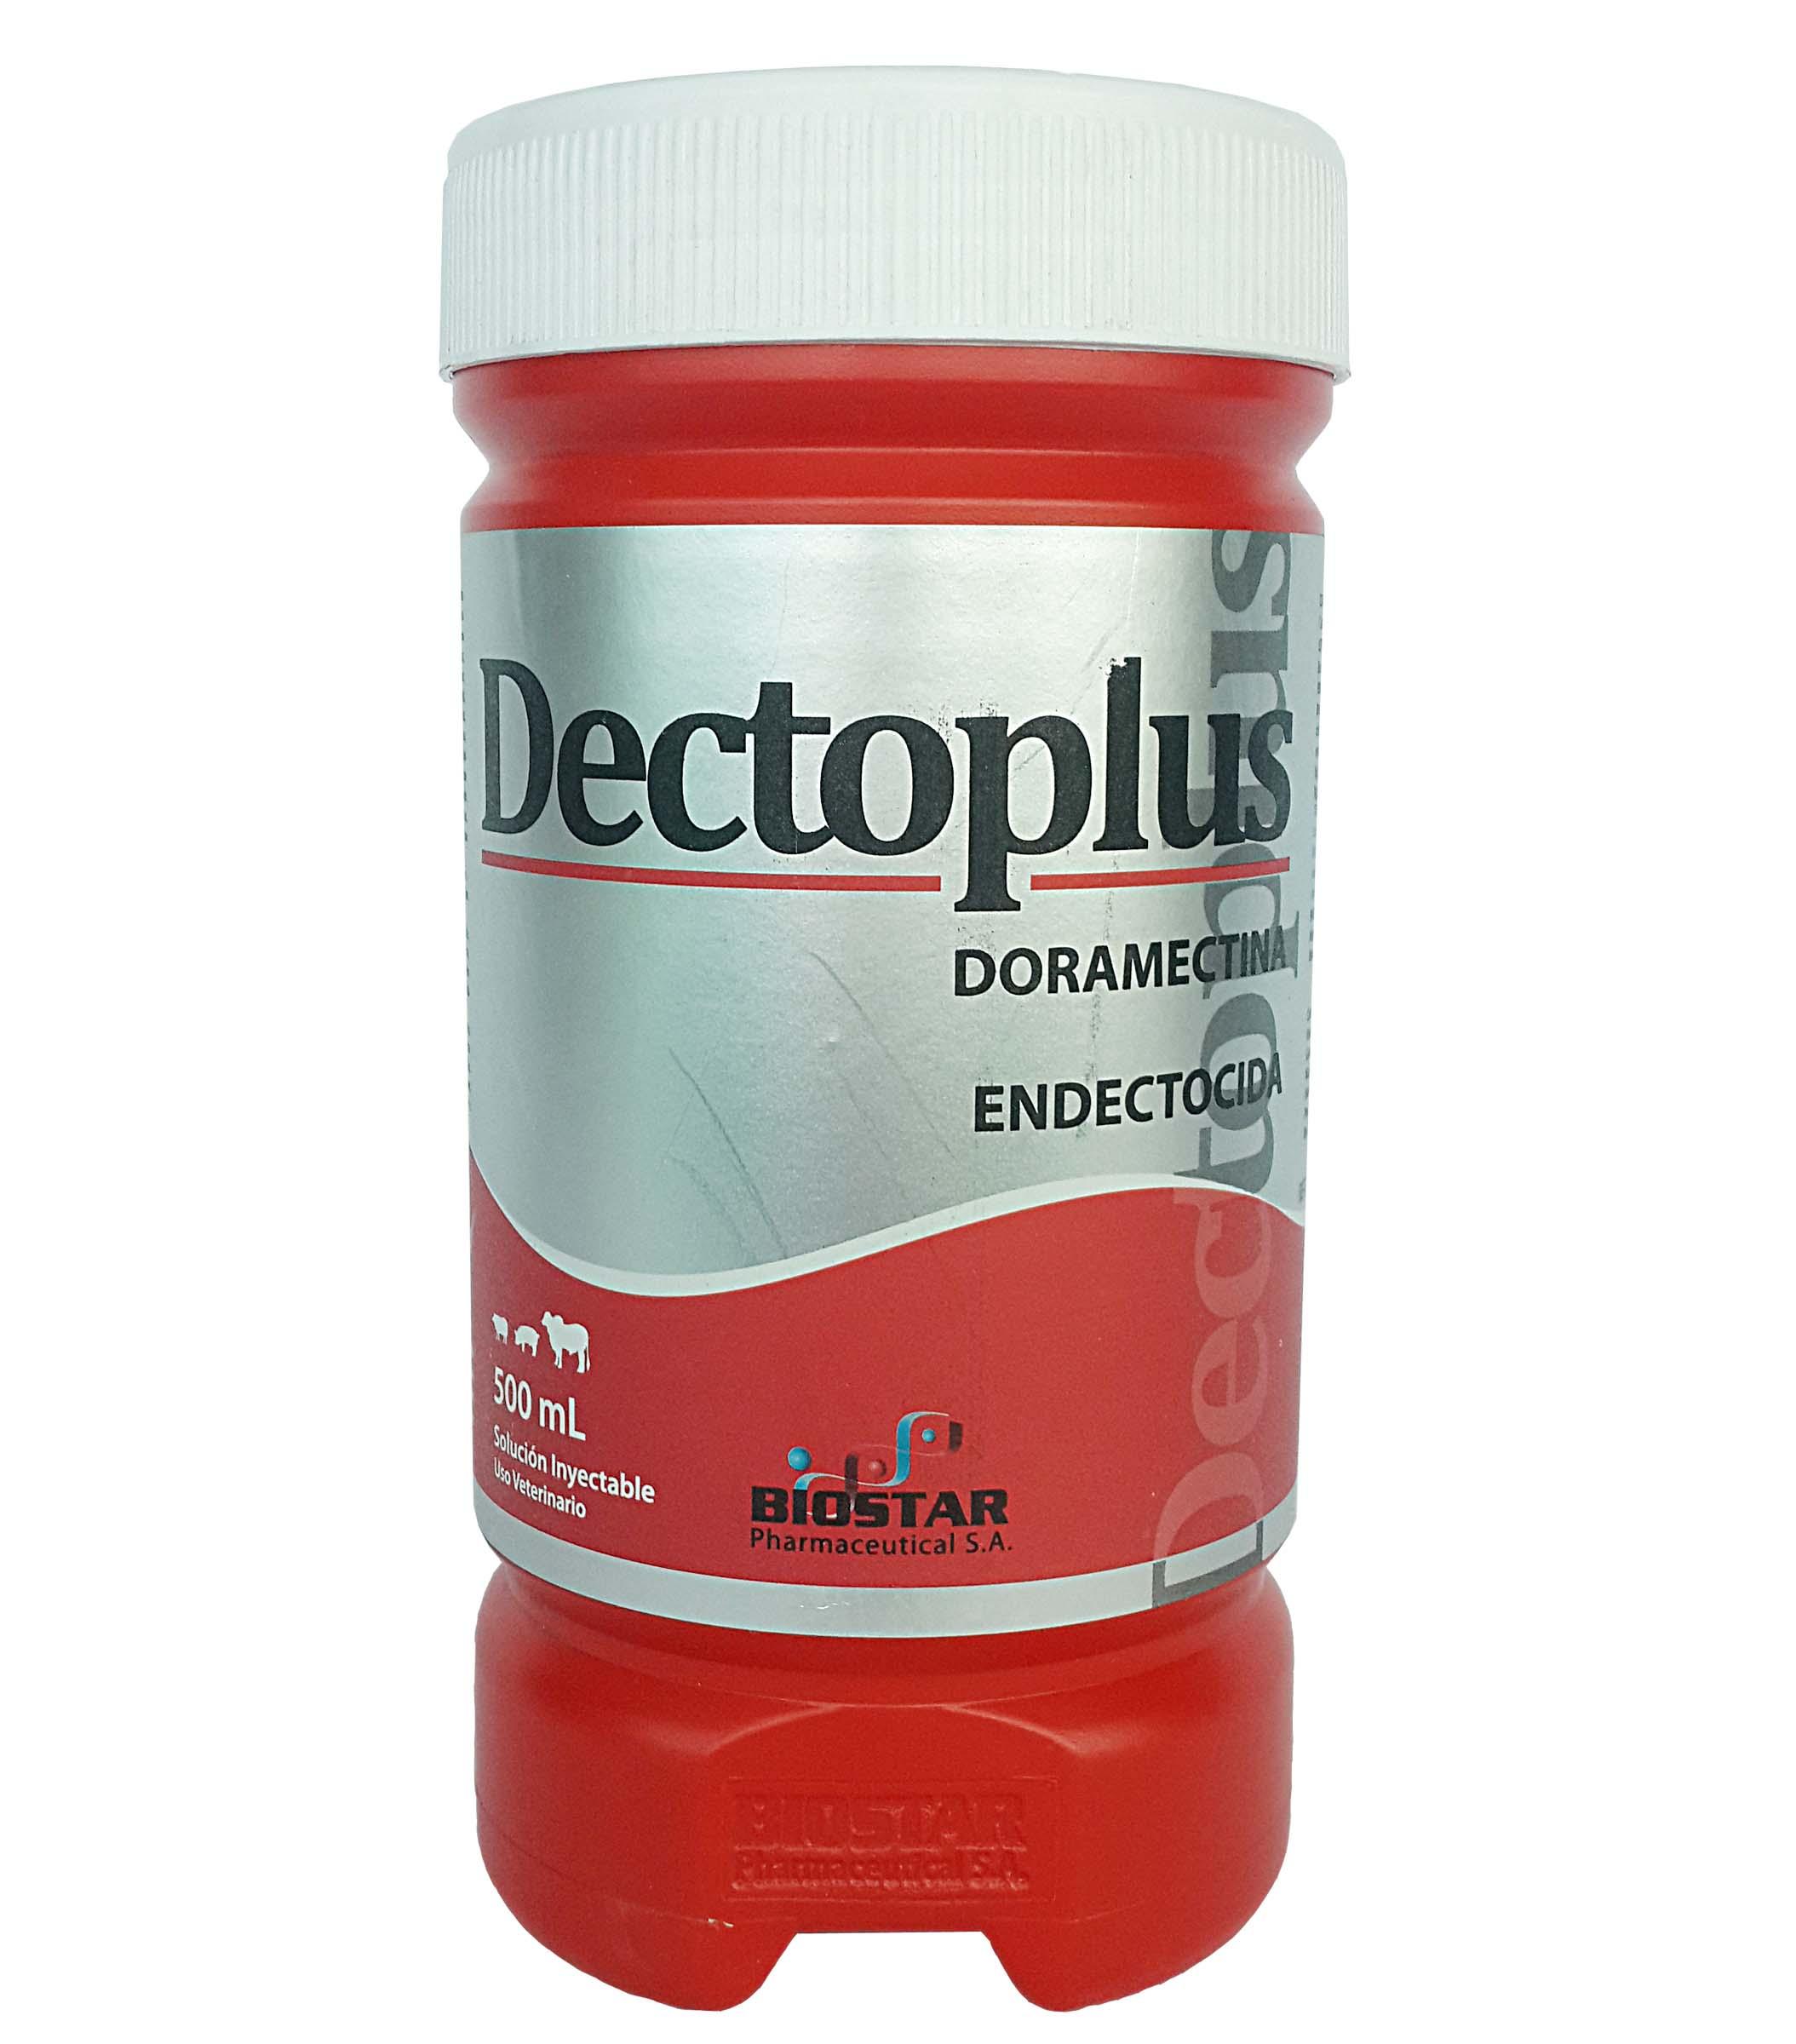 Dectoplus